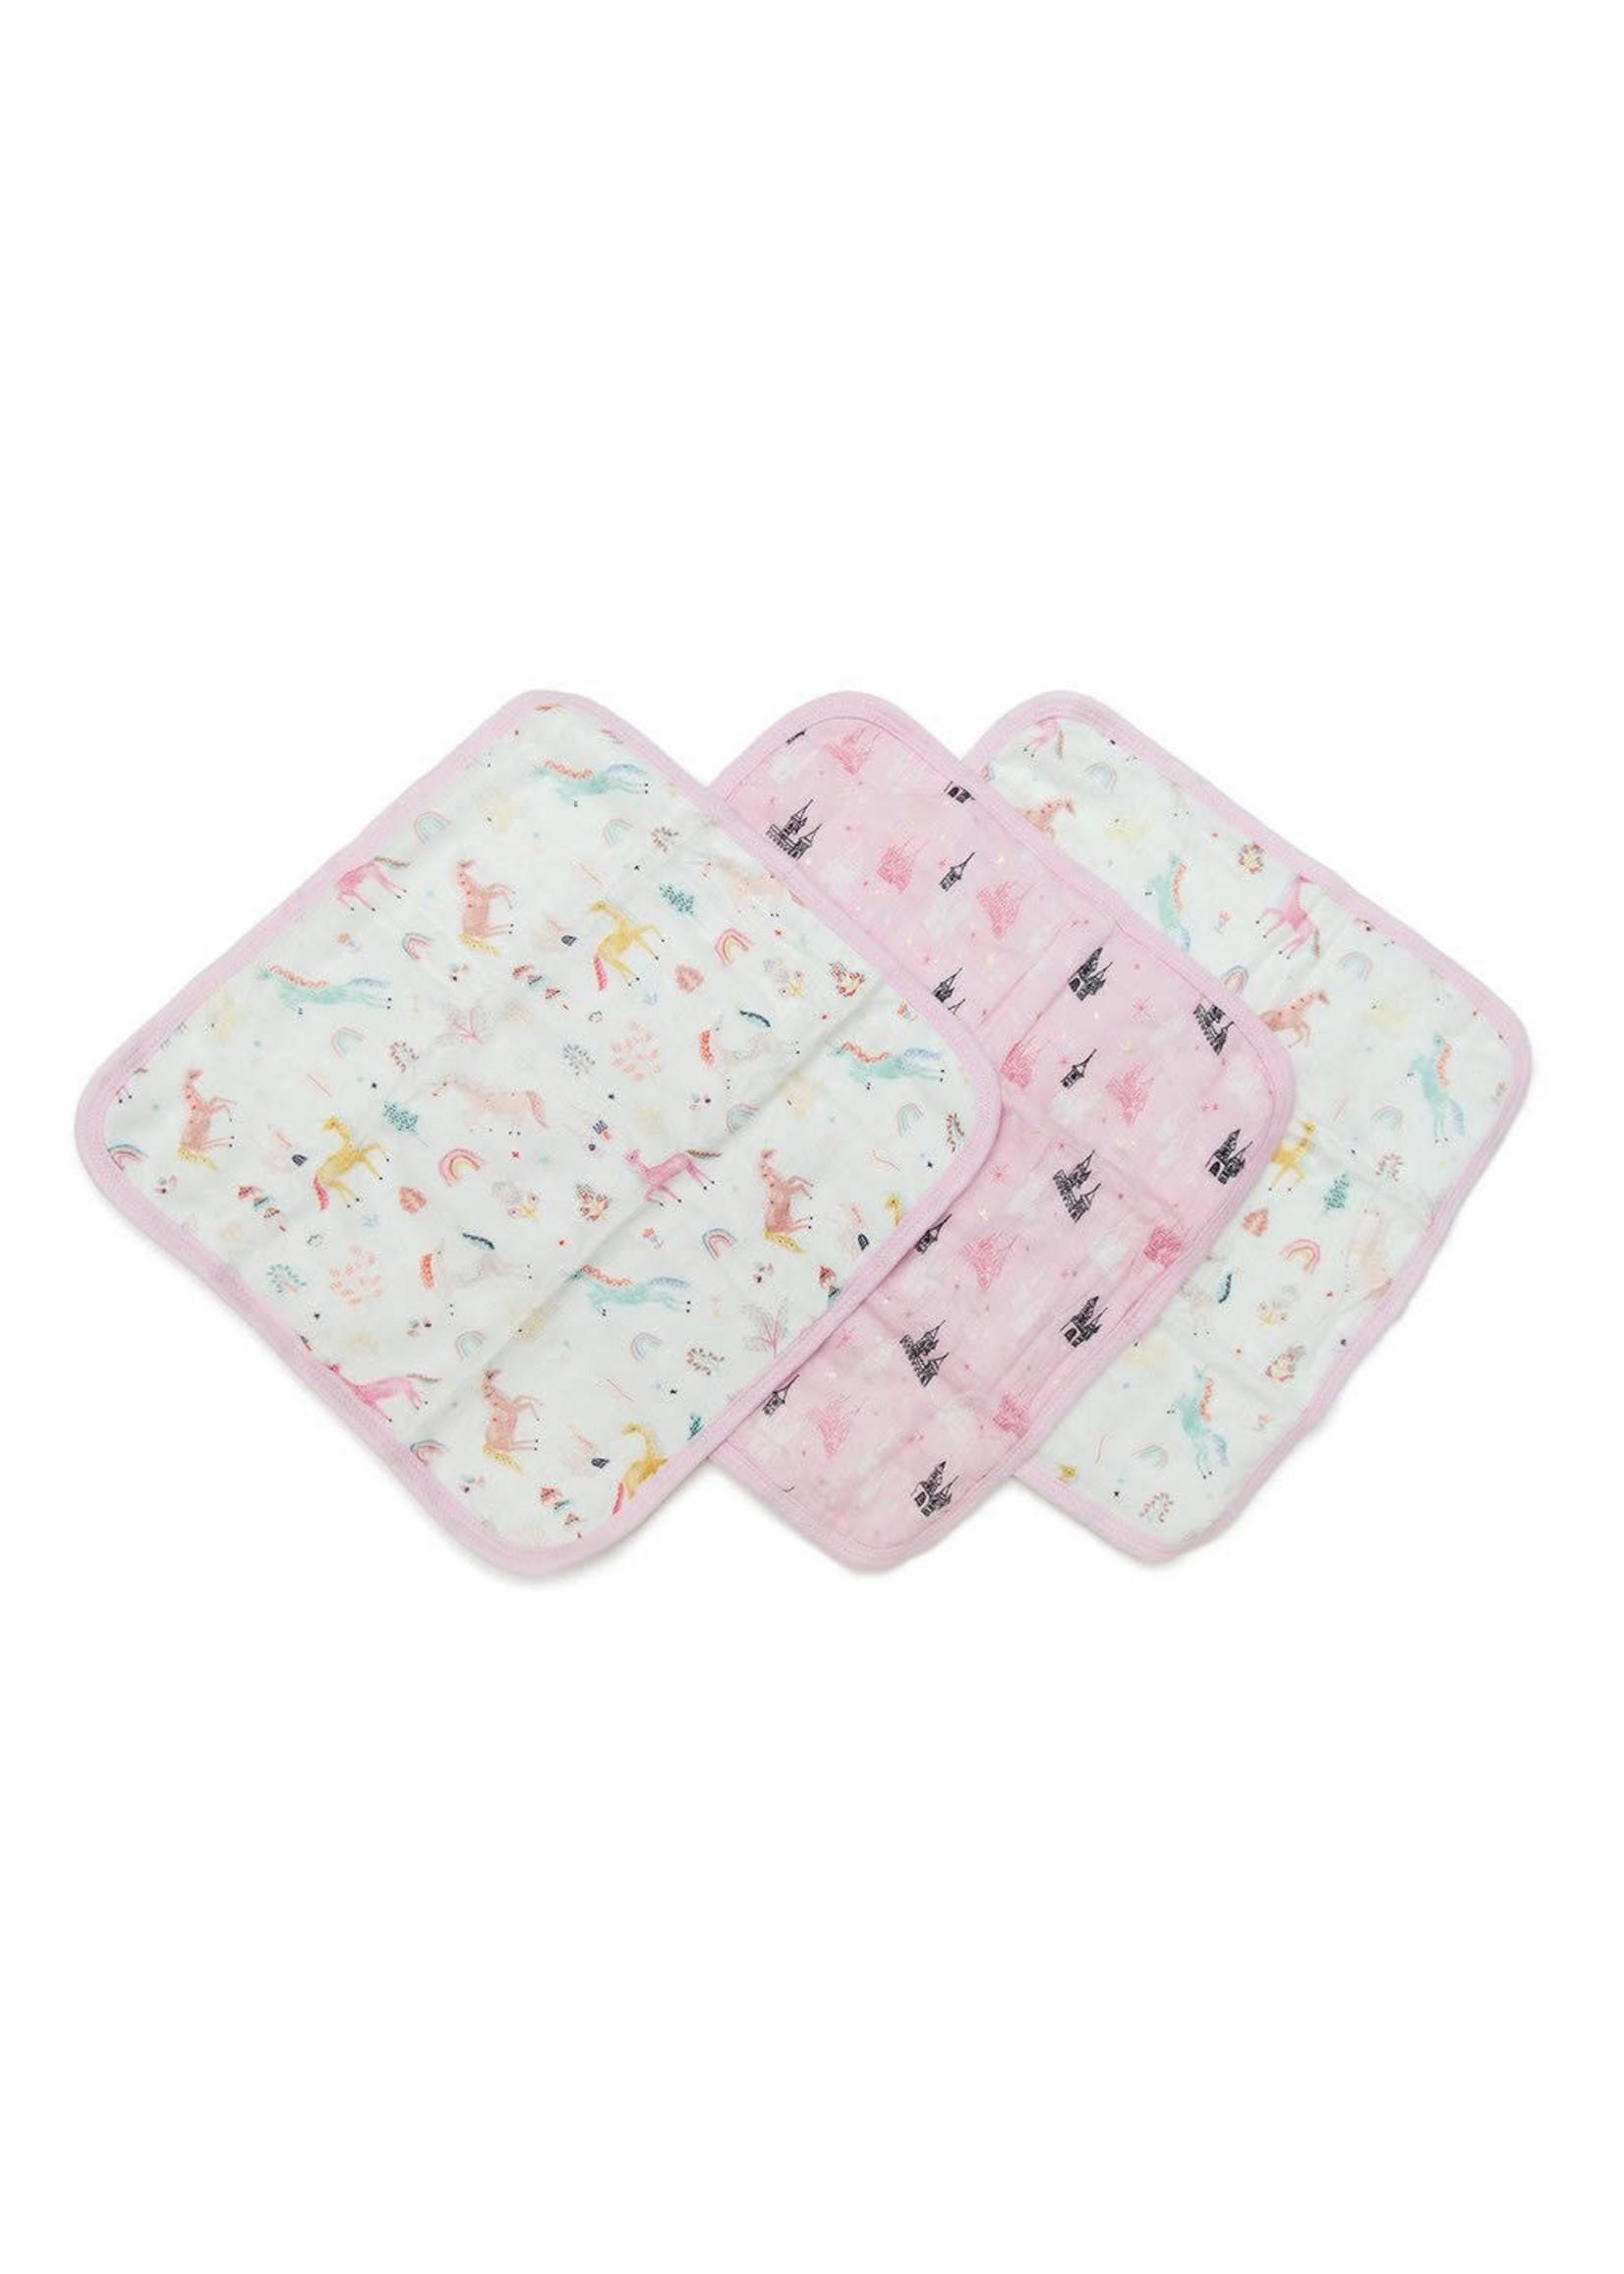 Loulou Lollipop Washcloth 3-piece Set